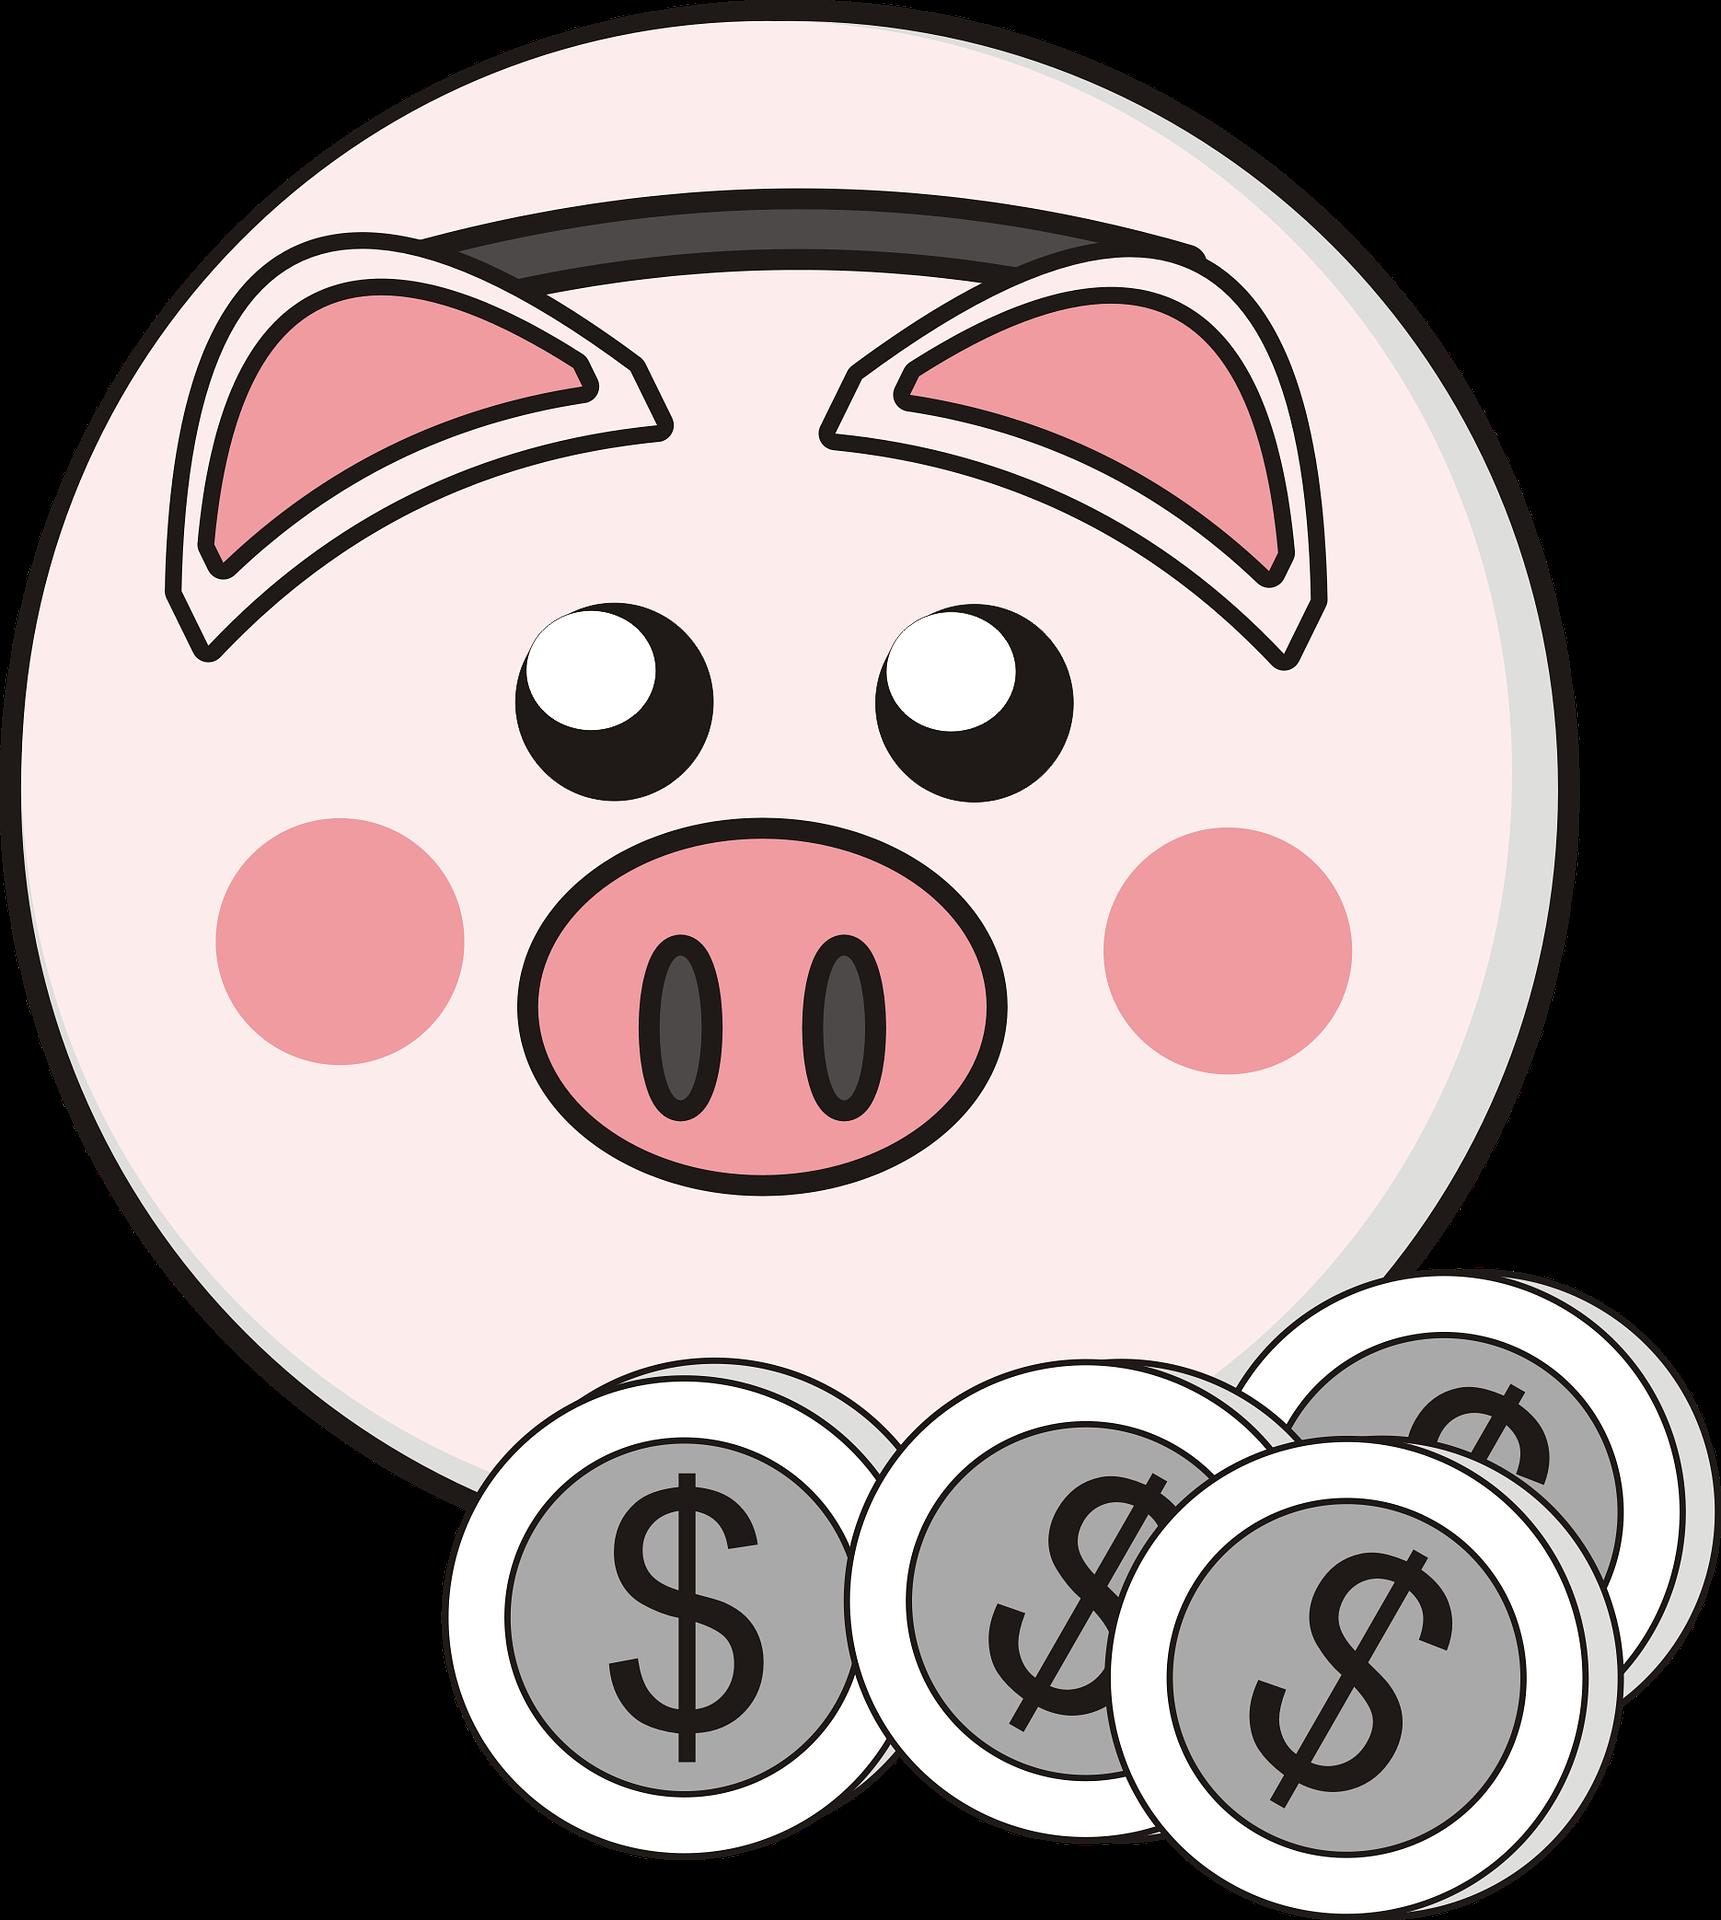 adoc veneto cultura finanziaria